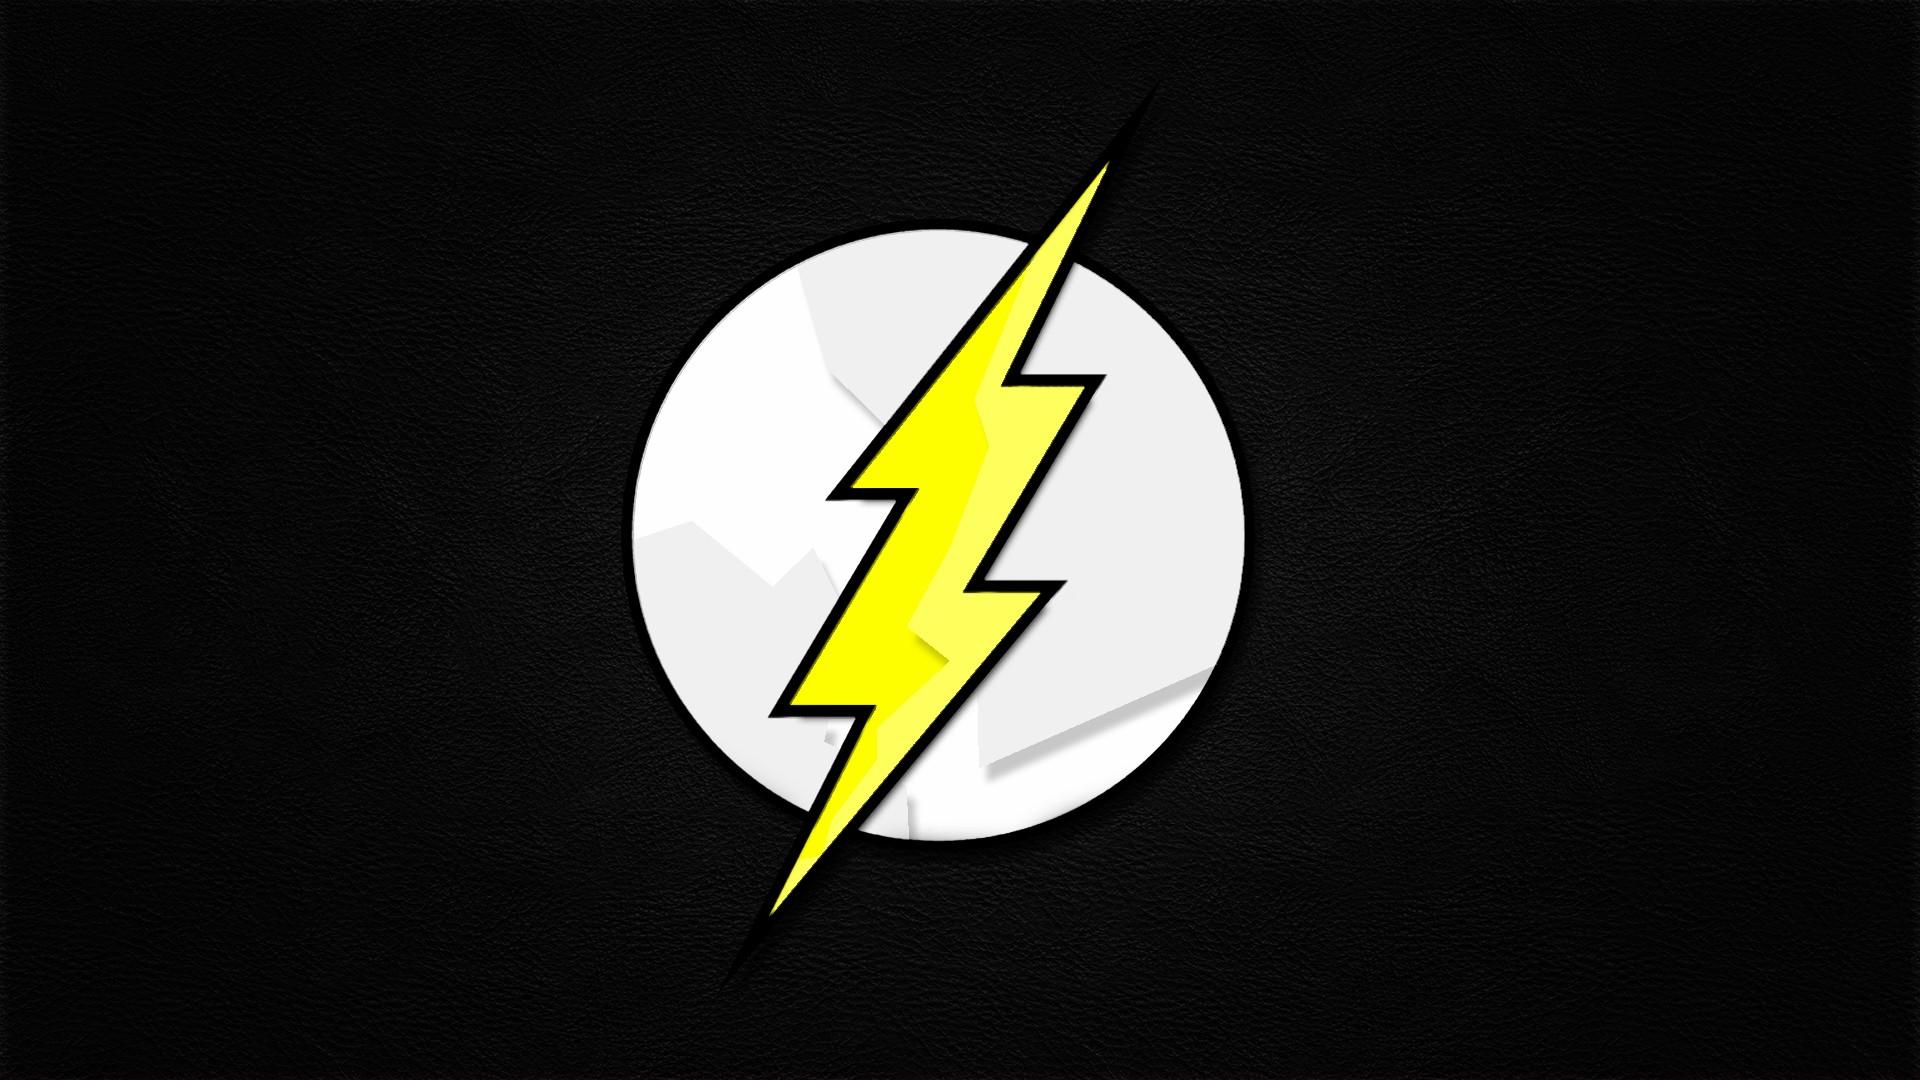 Minimalistic Dc Comics Comics The Flash Logos Flash Superhero Wallpaper 1920x1080 190024 Wallpaperup